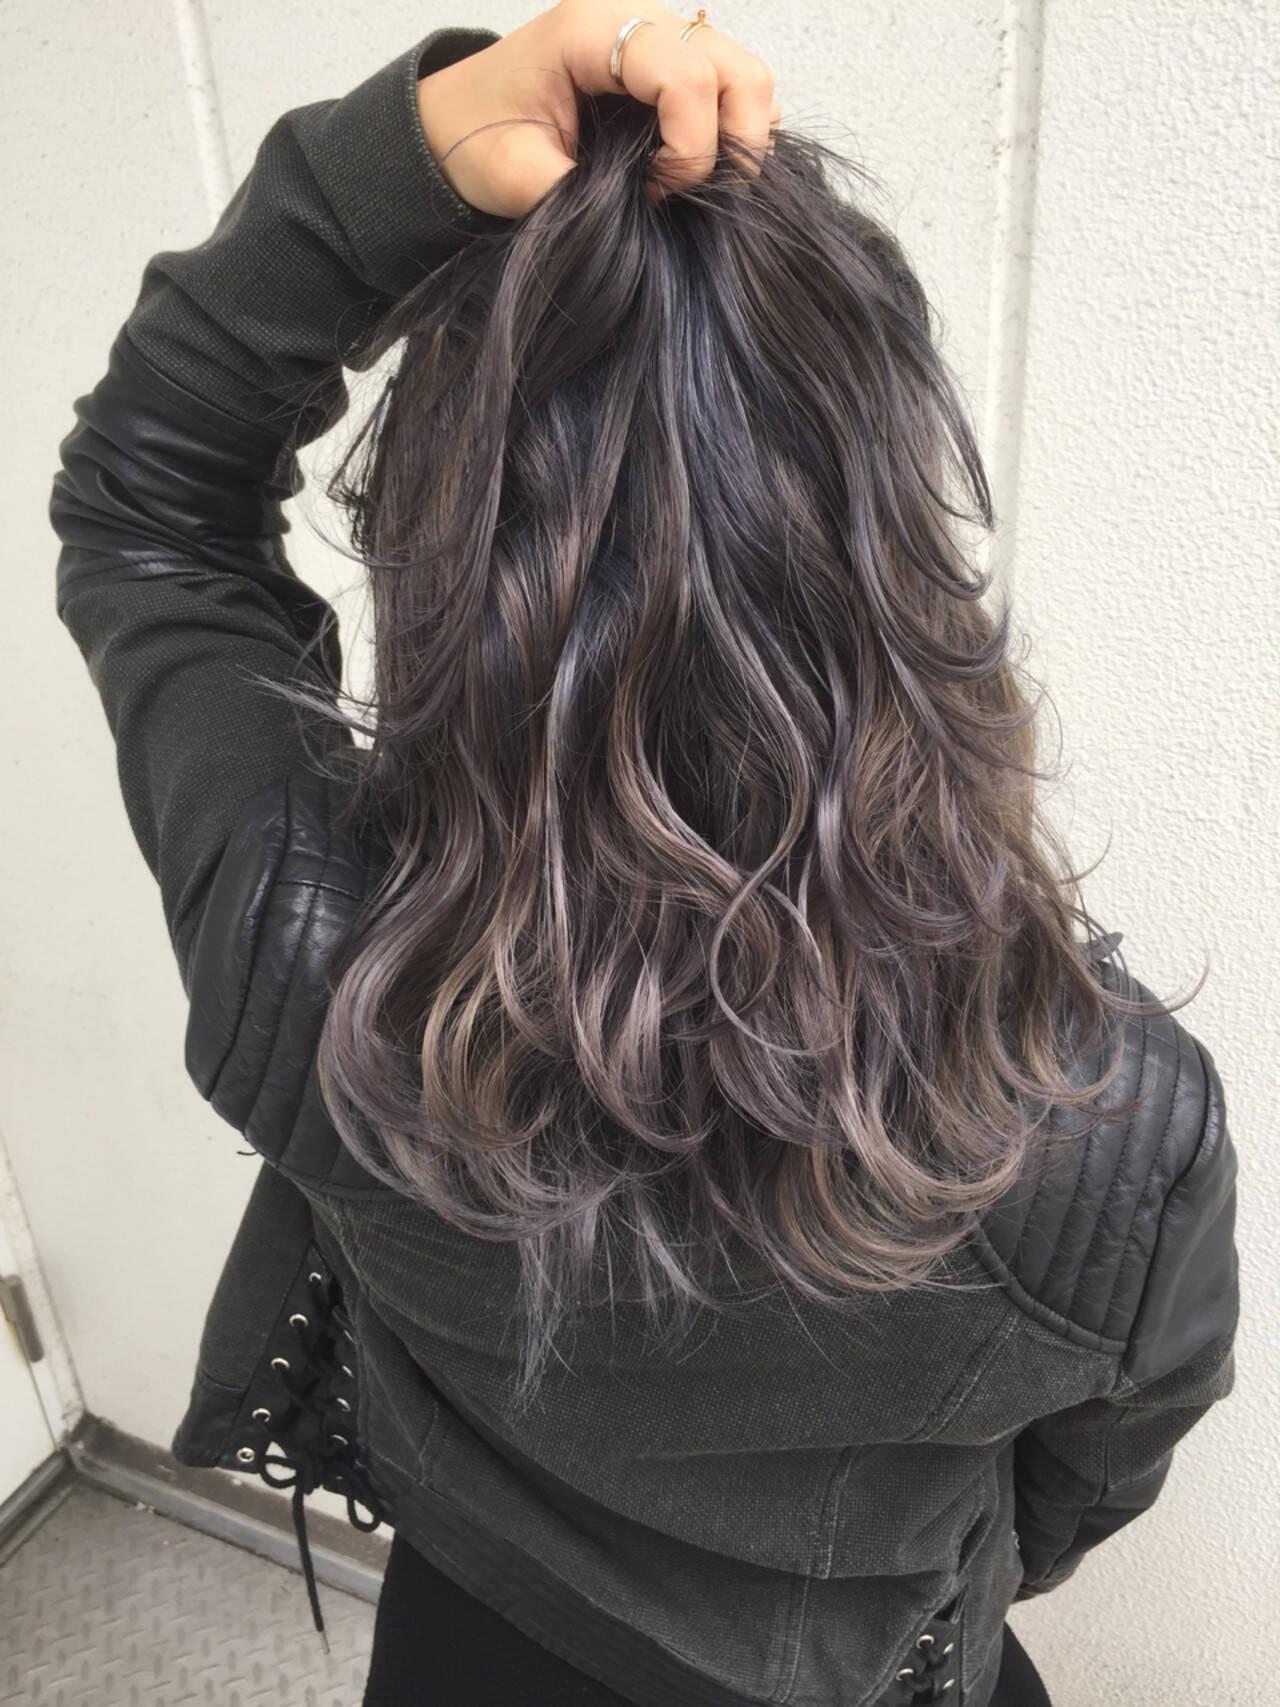 セミロング アッシュ グラデーションカラー ハイライトヘアスタイルや髪型の写真・画像